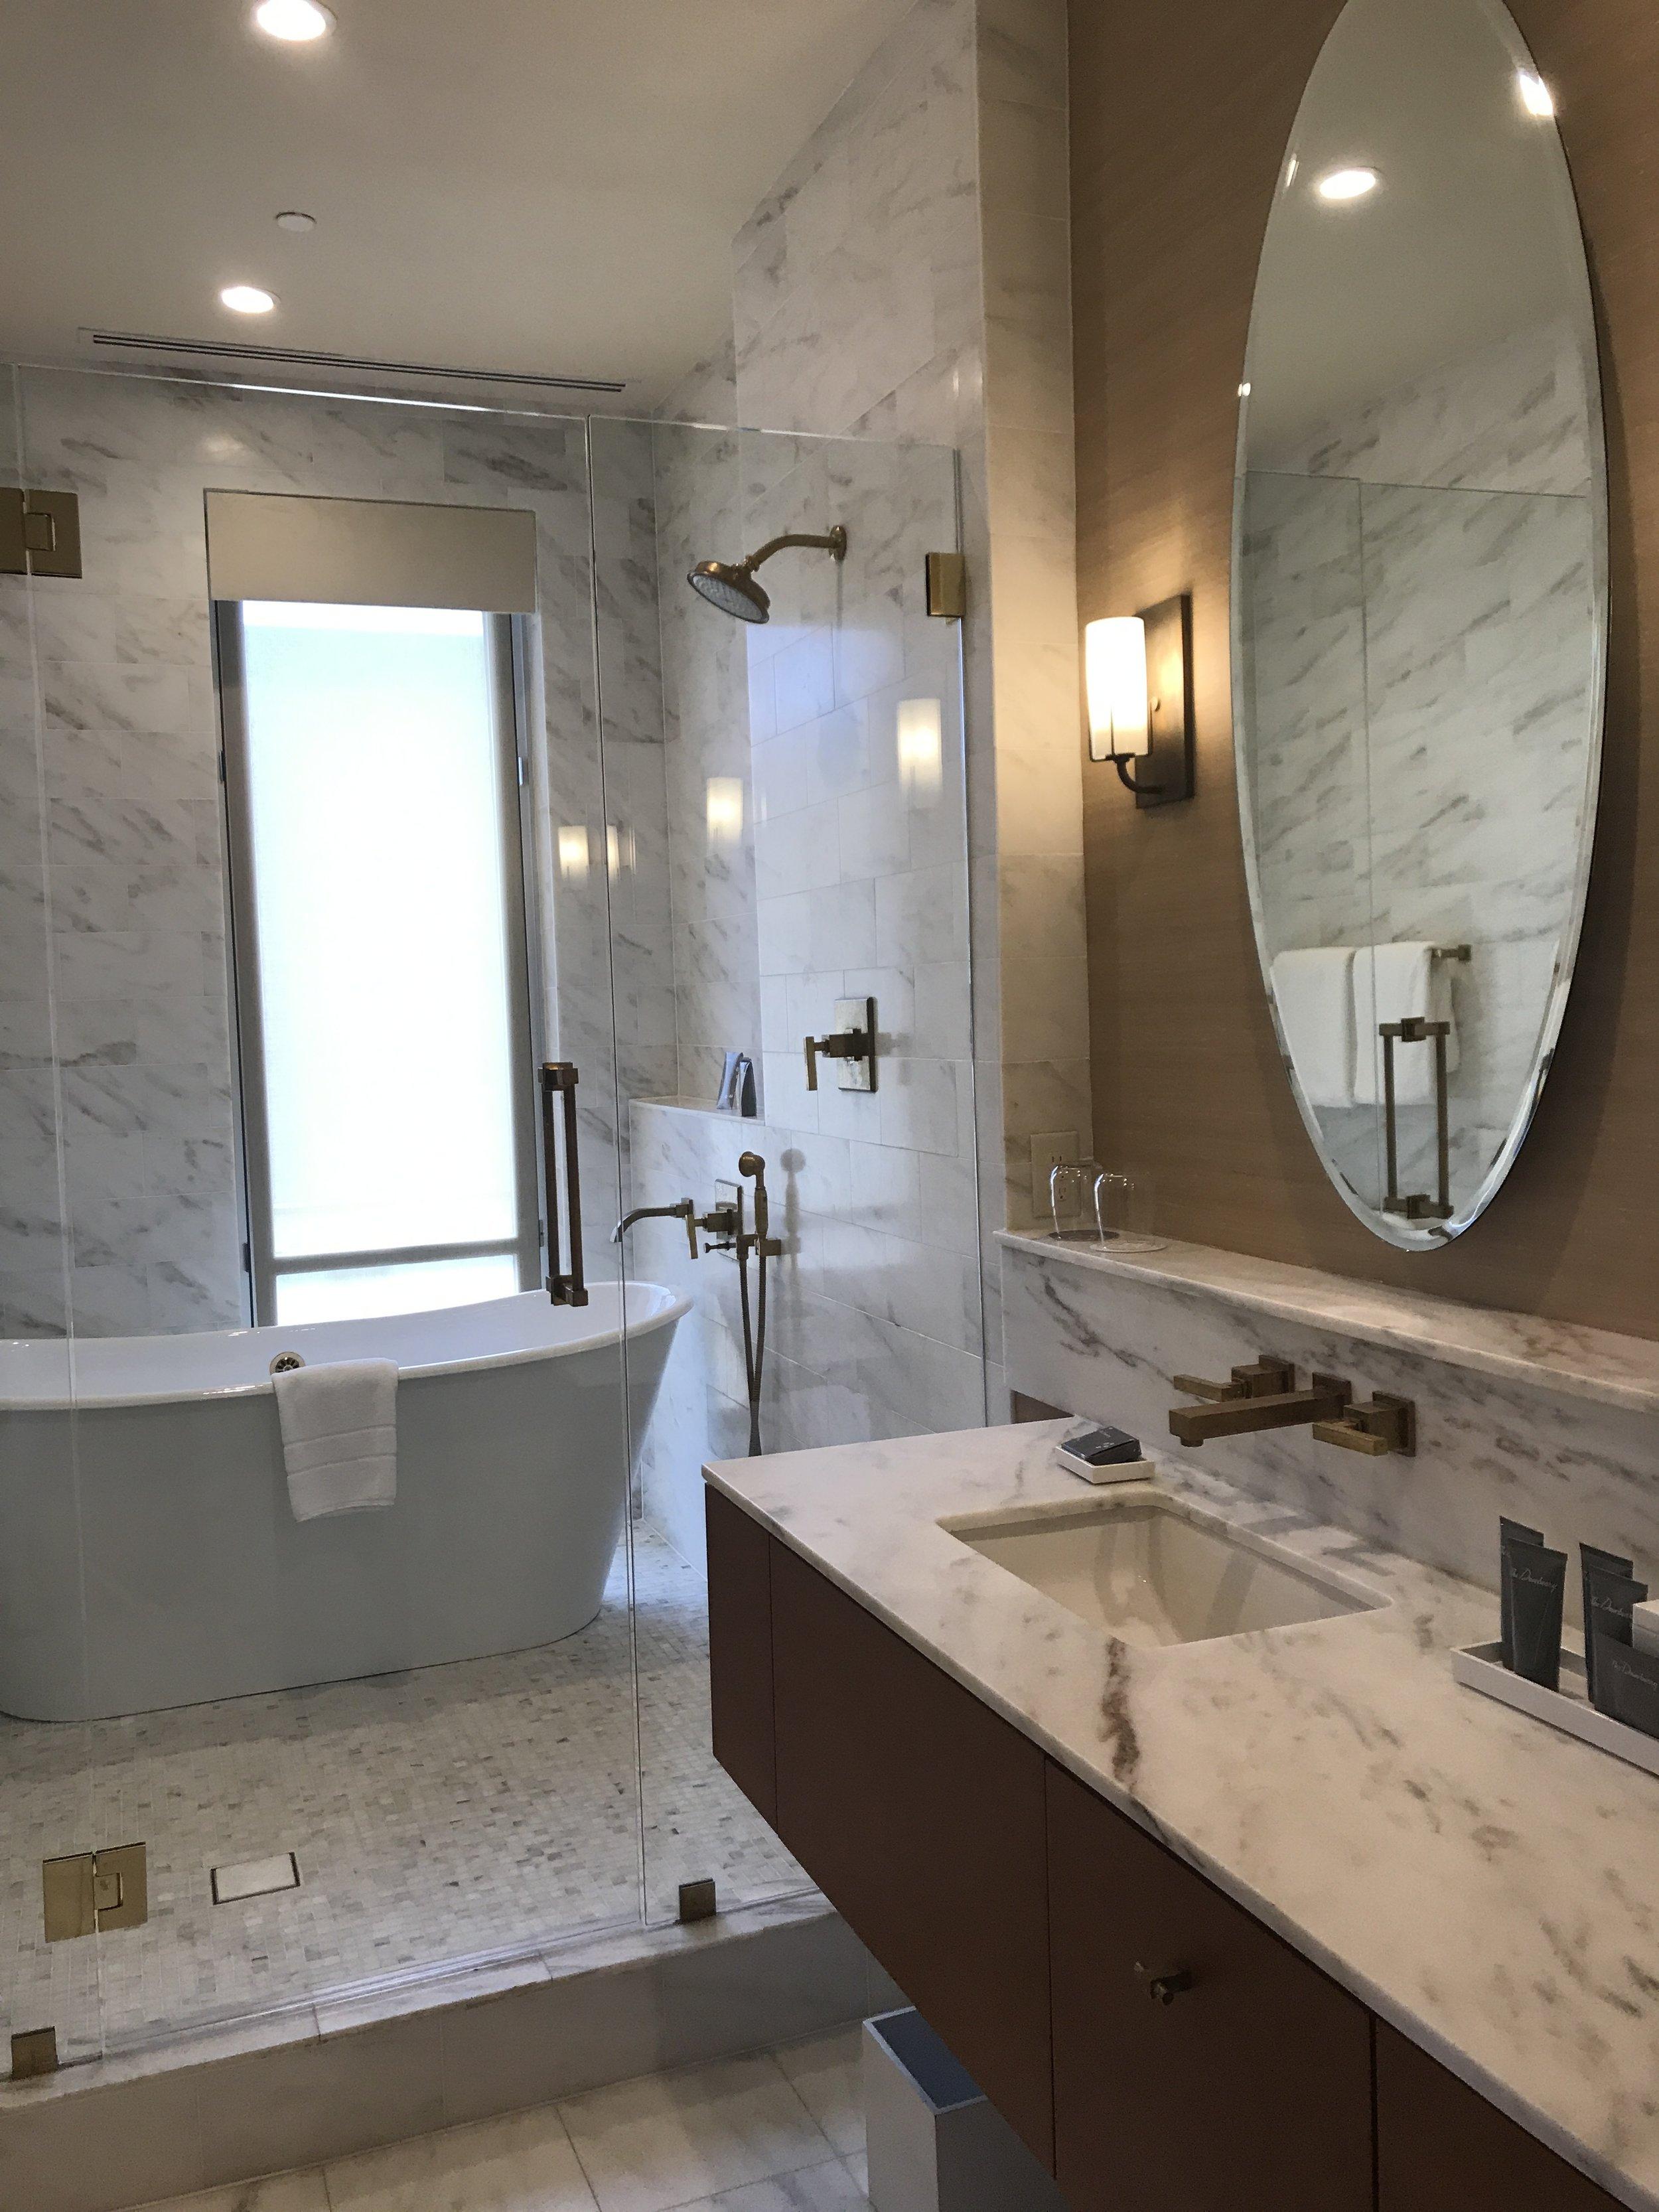 The spacious bathroom.